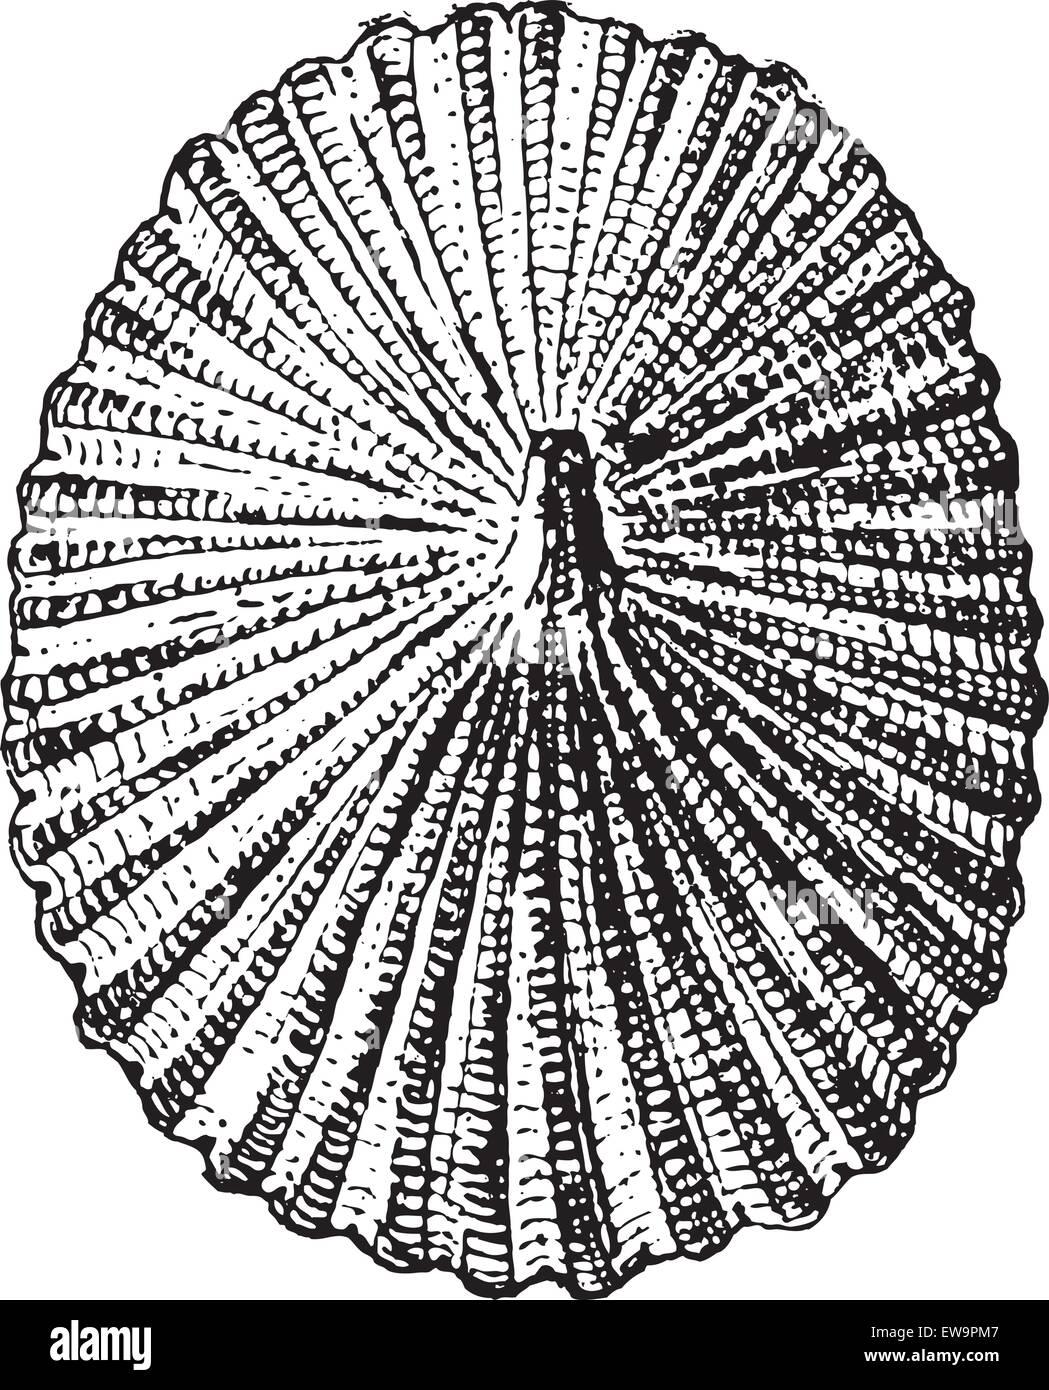 Percebe o Lepas sp., vintage ilustración grabada. Diccionario de las palabras y las cosas - Larive y Fleury - 1895 Ilustración del Vector